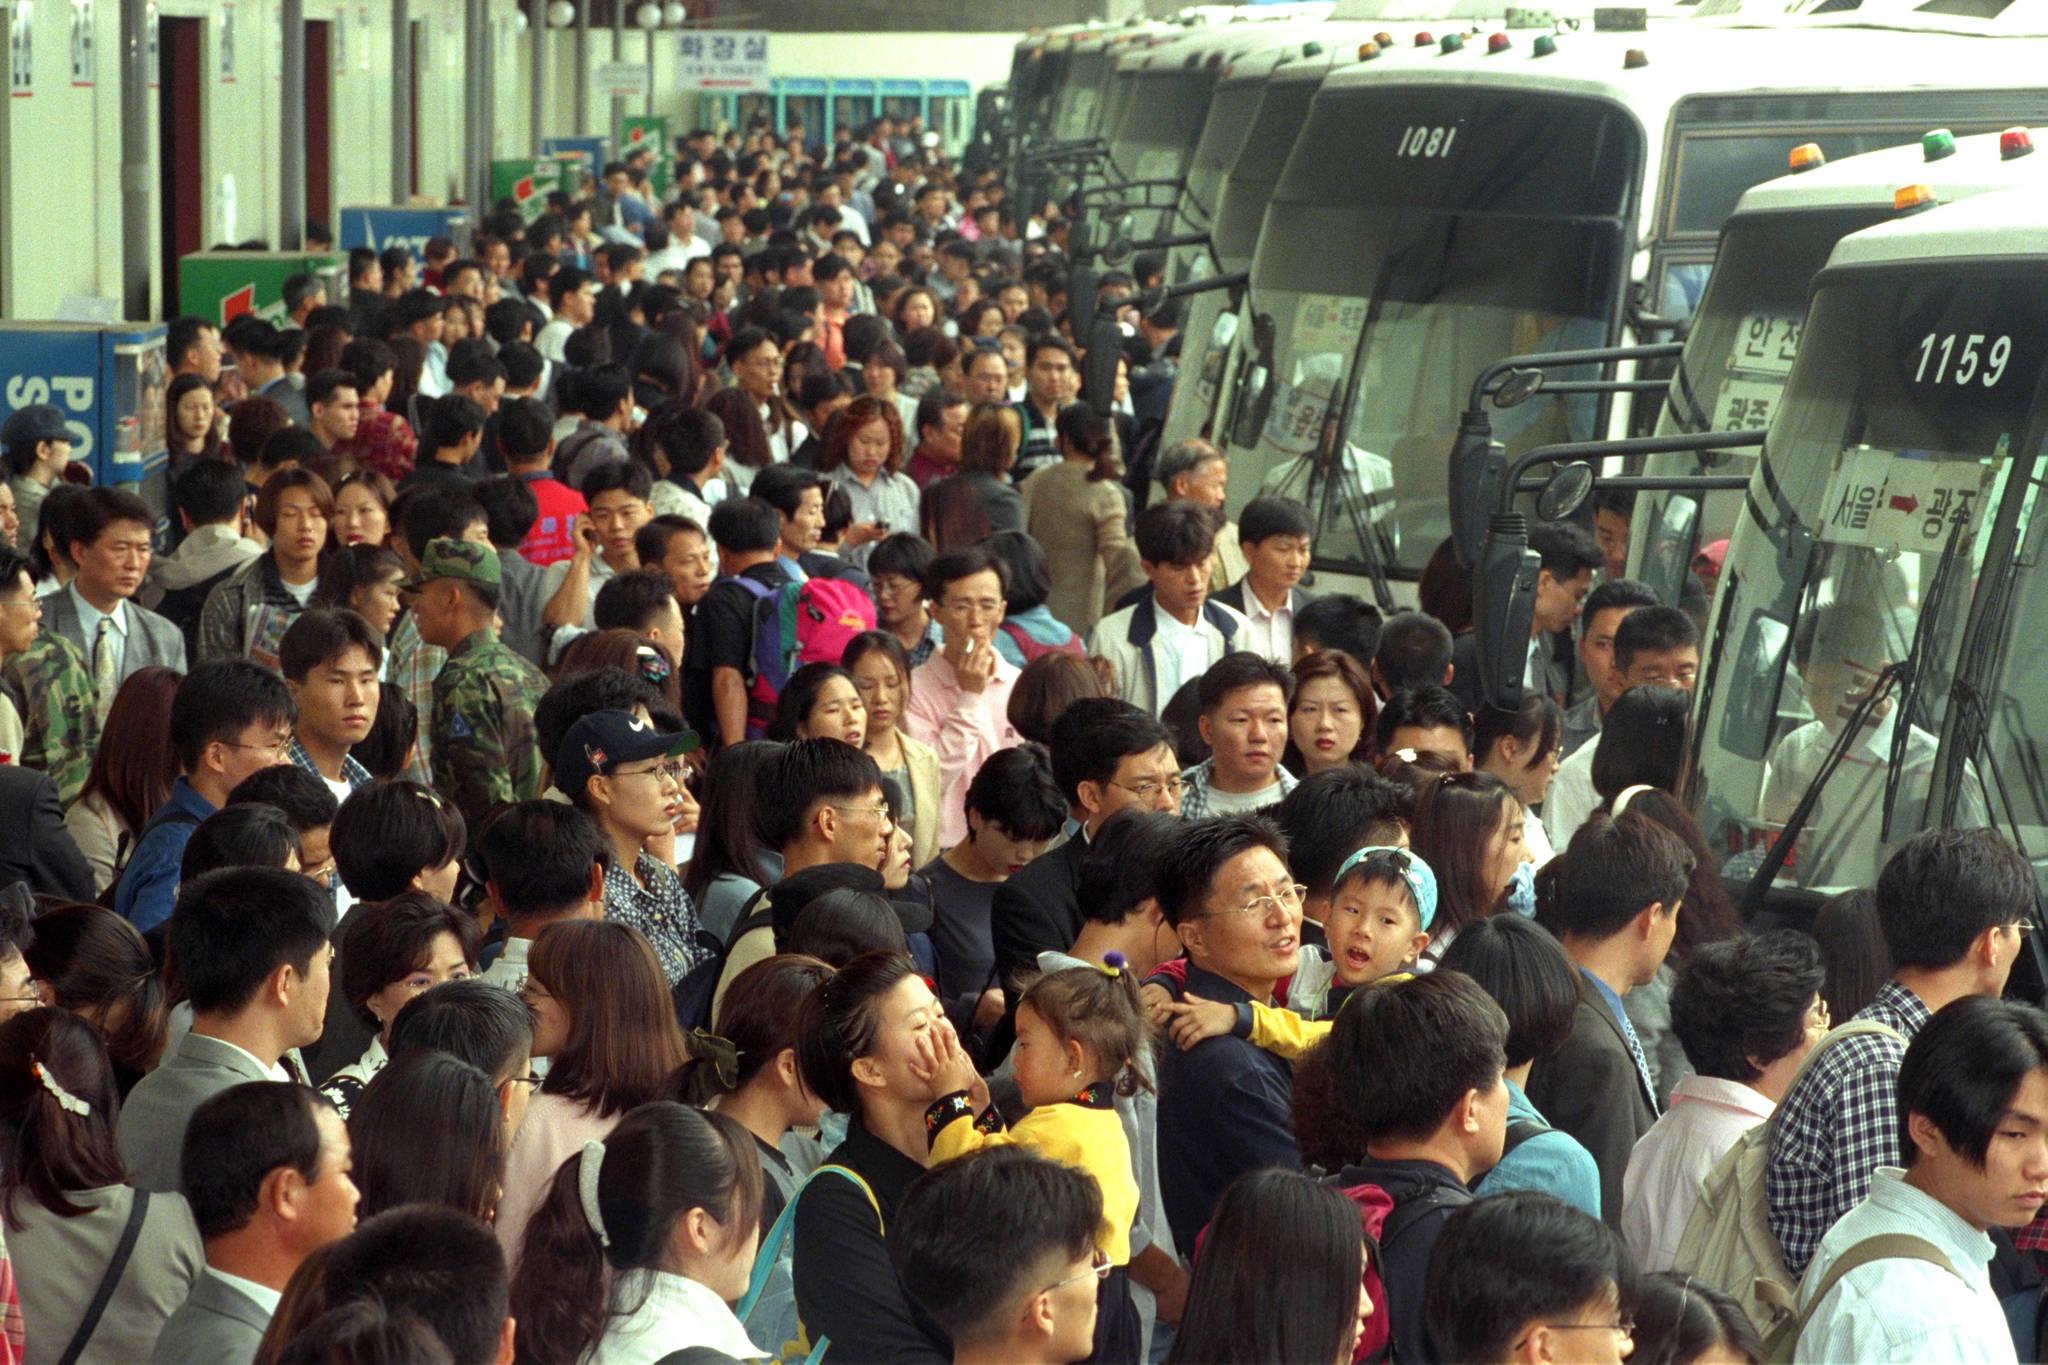 1999년에는 3200만여명이 한가위 민족 대이동을 했다. 추석연휴가 시작되기 전날인 9월 22일 오후 서울 강남고속버스터미널 승강장이 귀향인파로 완전히 메워져 있다.[중앙포토]